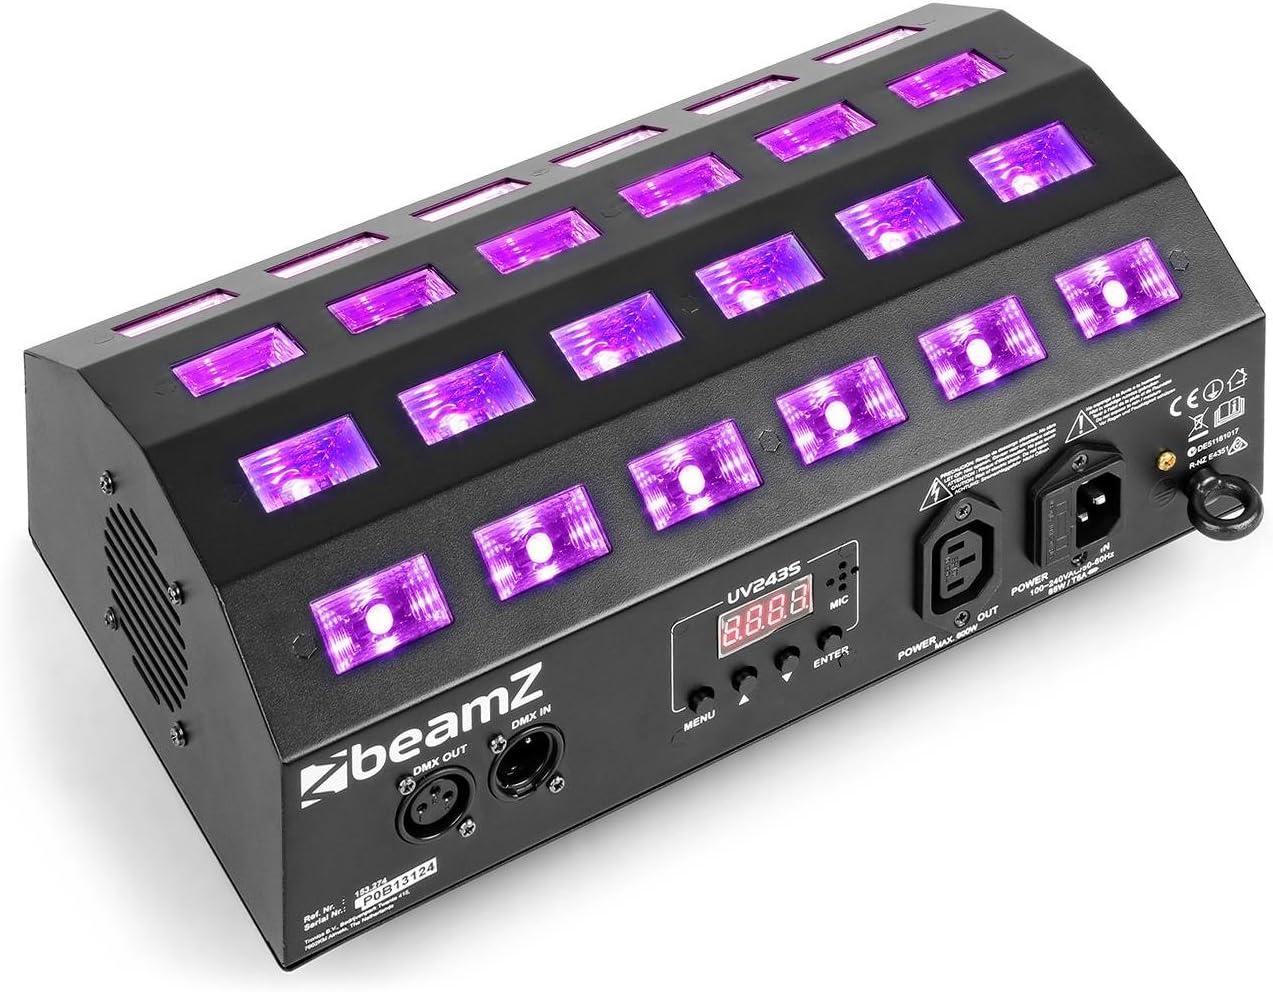 Mode DMX 7 canaux ou mode auto Shows pr/éprogramm/és Mode audio Id/éal pour soir/ée /à th/ème Puissance 3 Watts par LED 24 LED UV BeamZ Strobe LED UV BUV463